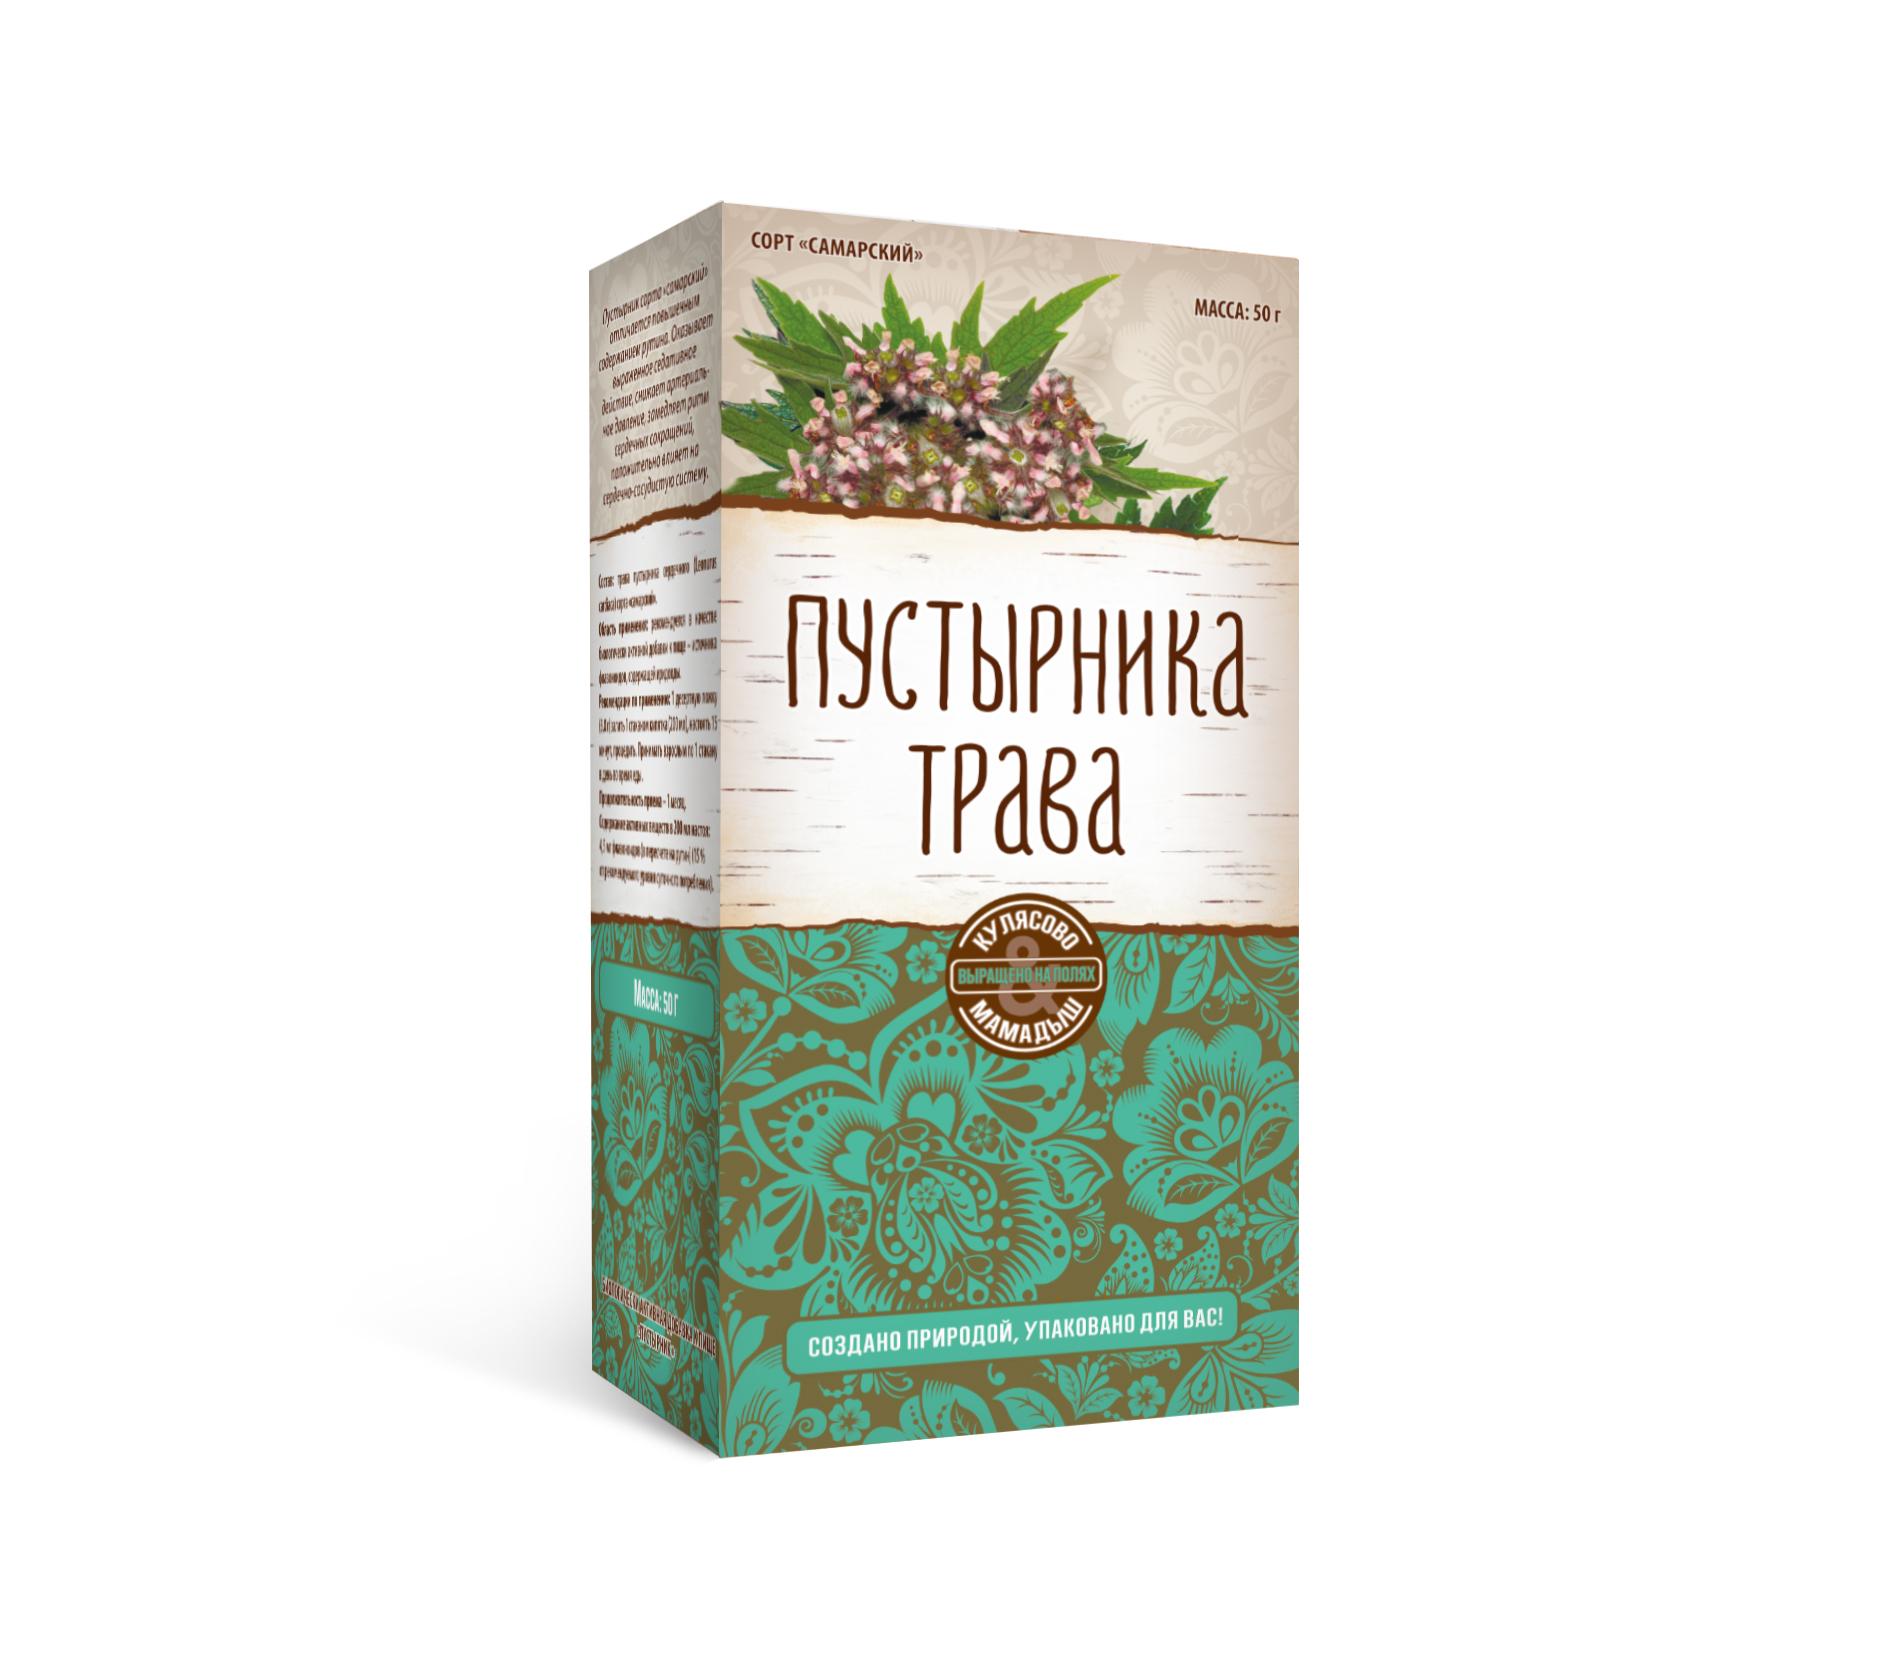 Пустырника трава (россыпь): описание, инструкция по применению